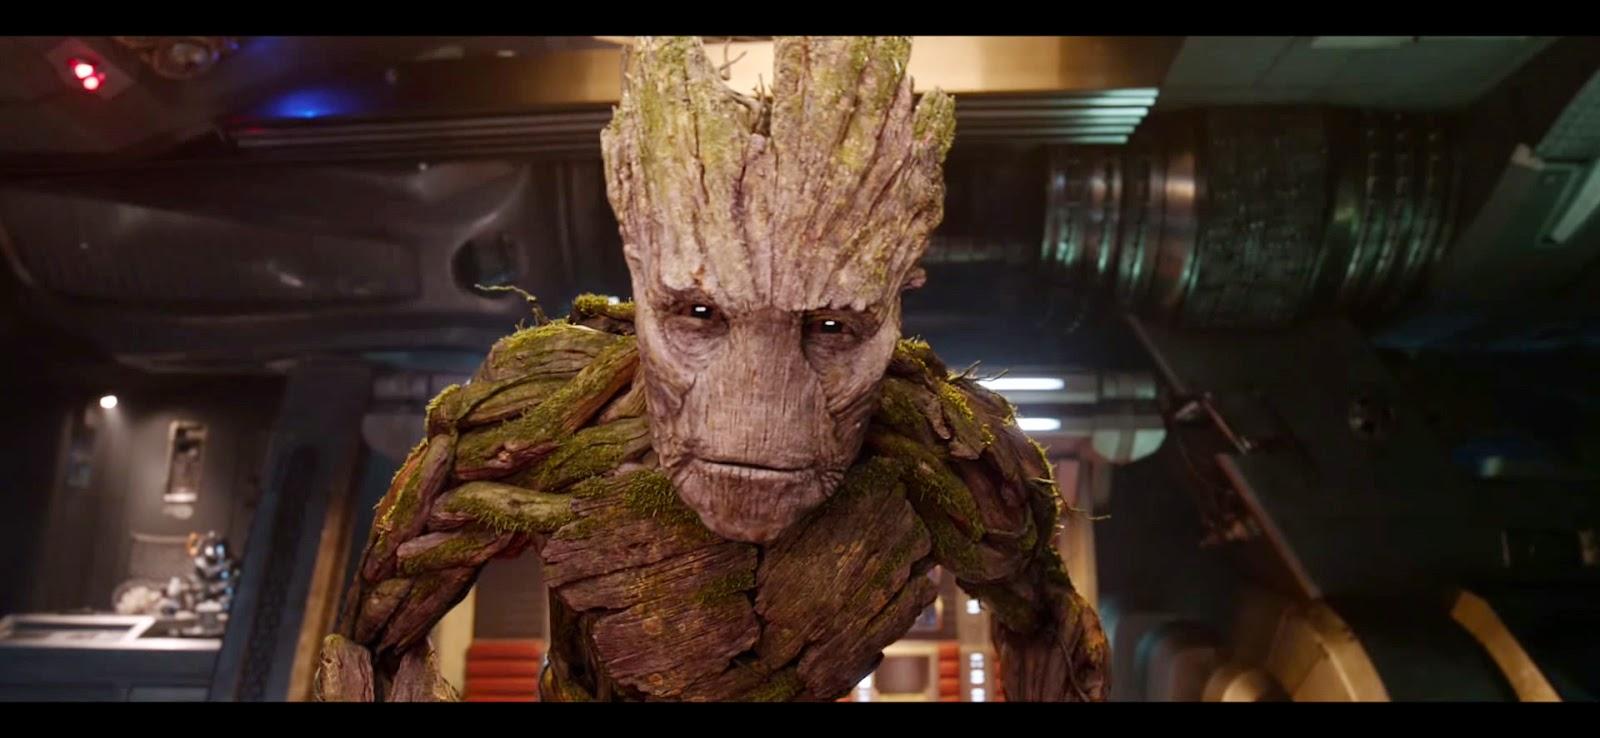 """""""Yo soy Groot yo soy Groot, yo soy Groot yo soy Groot yo soy Groot ;)"""""""